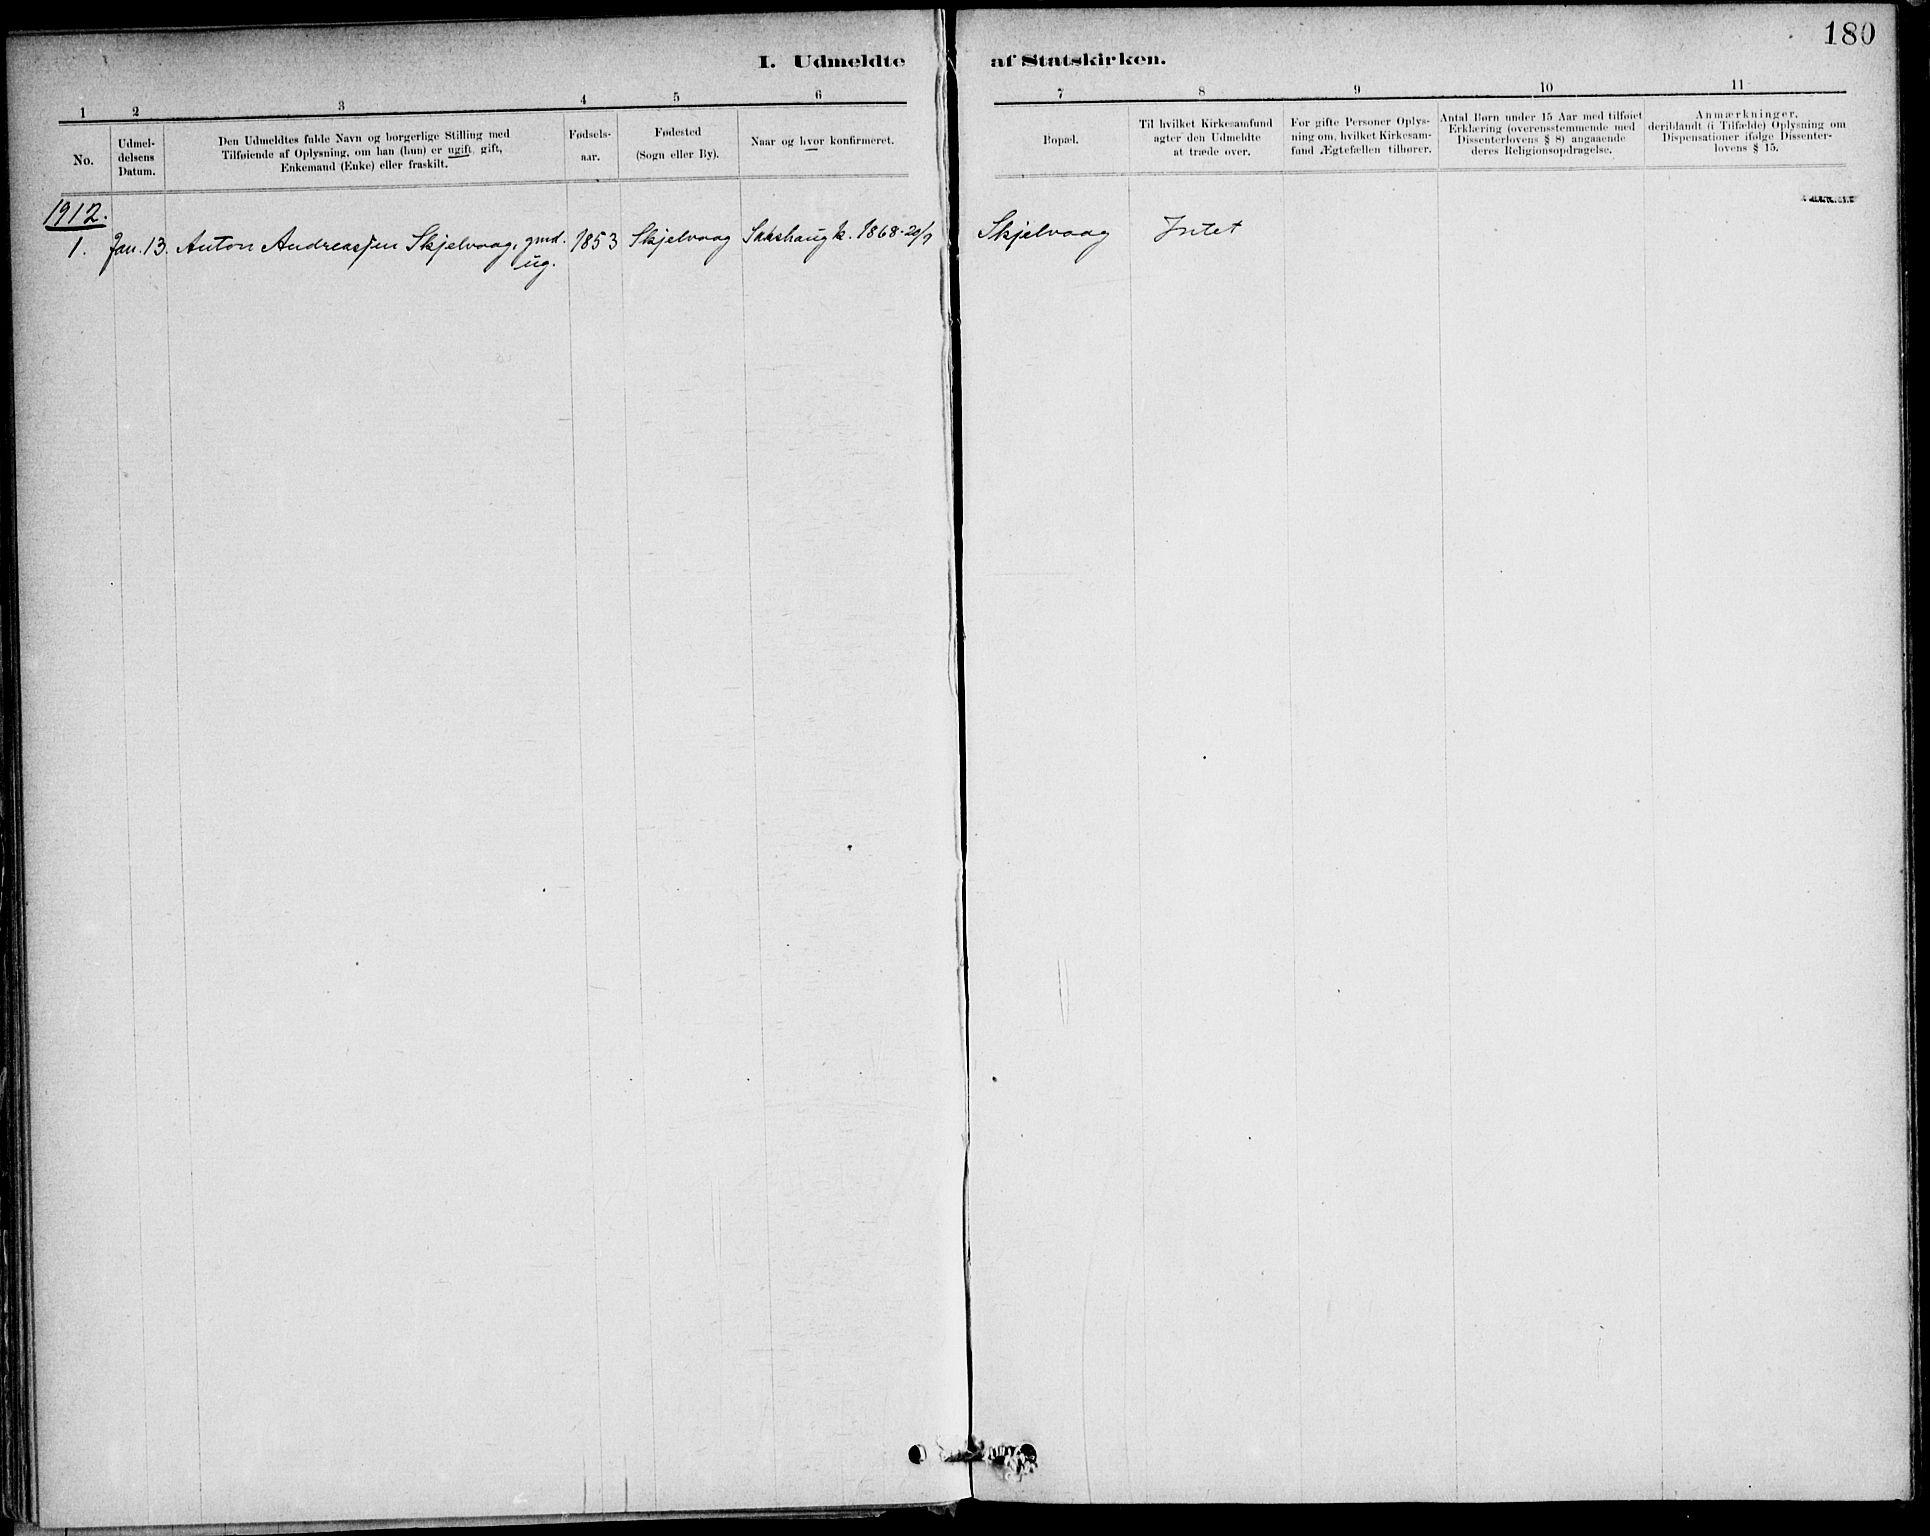 SAT, Ministerialprotokoller, klokkerbøker og fødselsregistre - Nord-Trøndelag, 732/L0316: Ministerialbok nr. 732A01, 1879-1921, s. 180